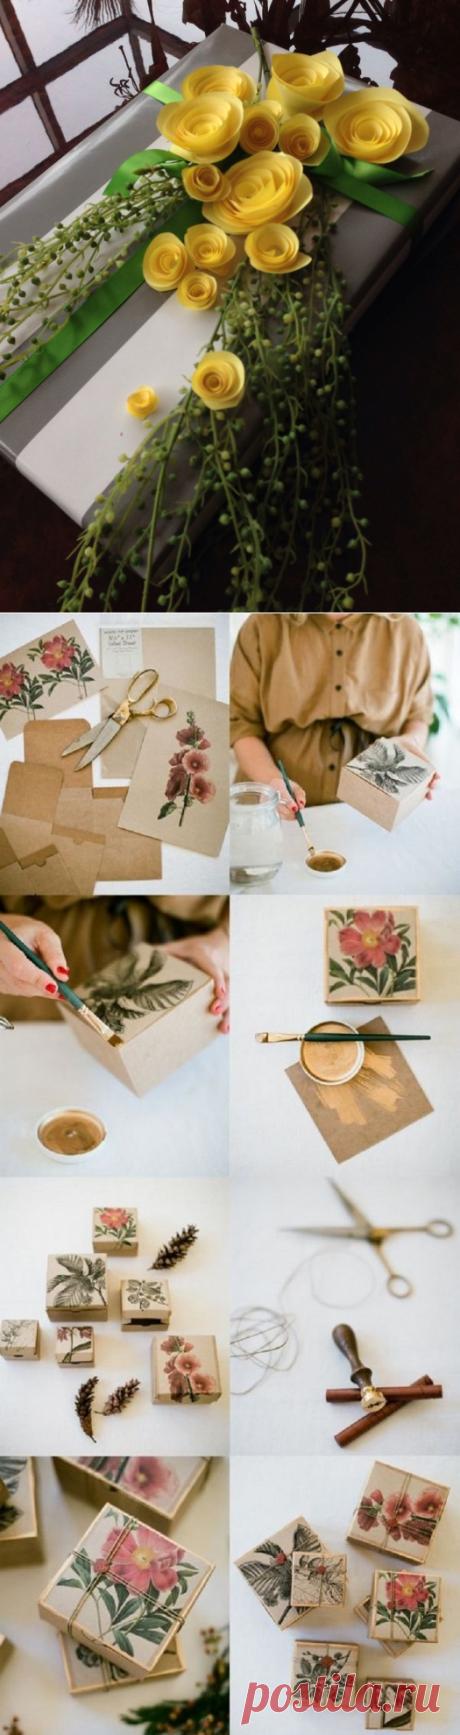 Прелестные идеи для упаковки подарков!